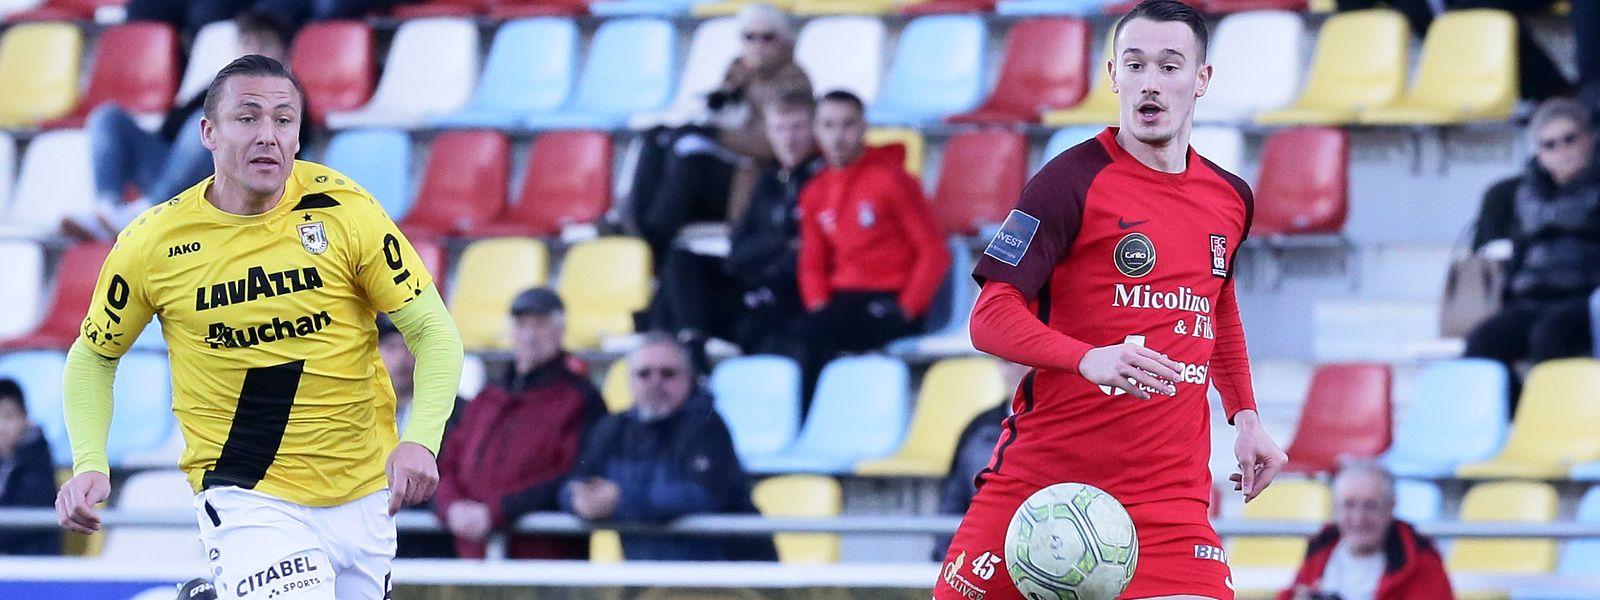 Adversaires la saison dernière lors de FC Differdange 03 - F91 Dudelange, Tom Schnell (à g.) et Edvin Muratovic sont aujourd'hui réunis sous le maillot dudelangeois